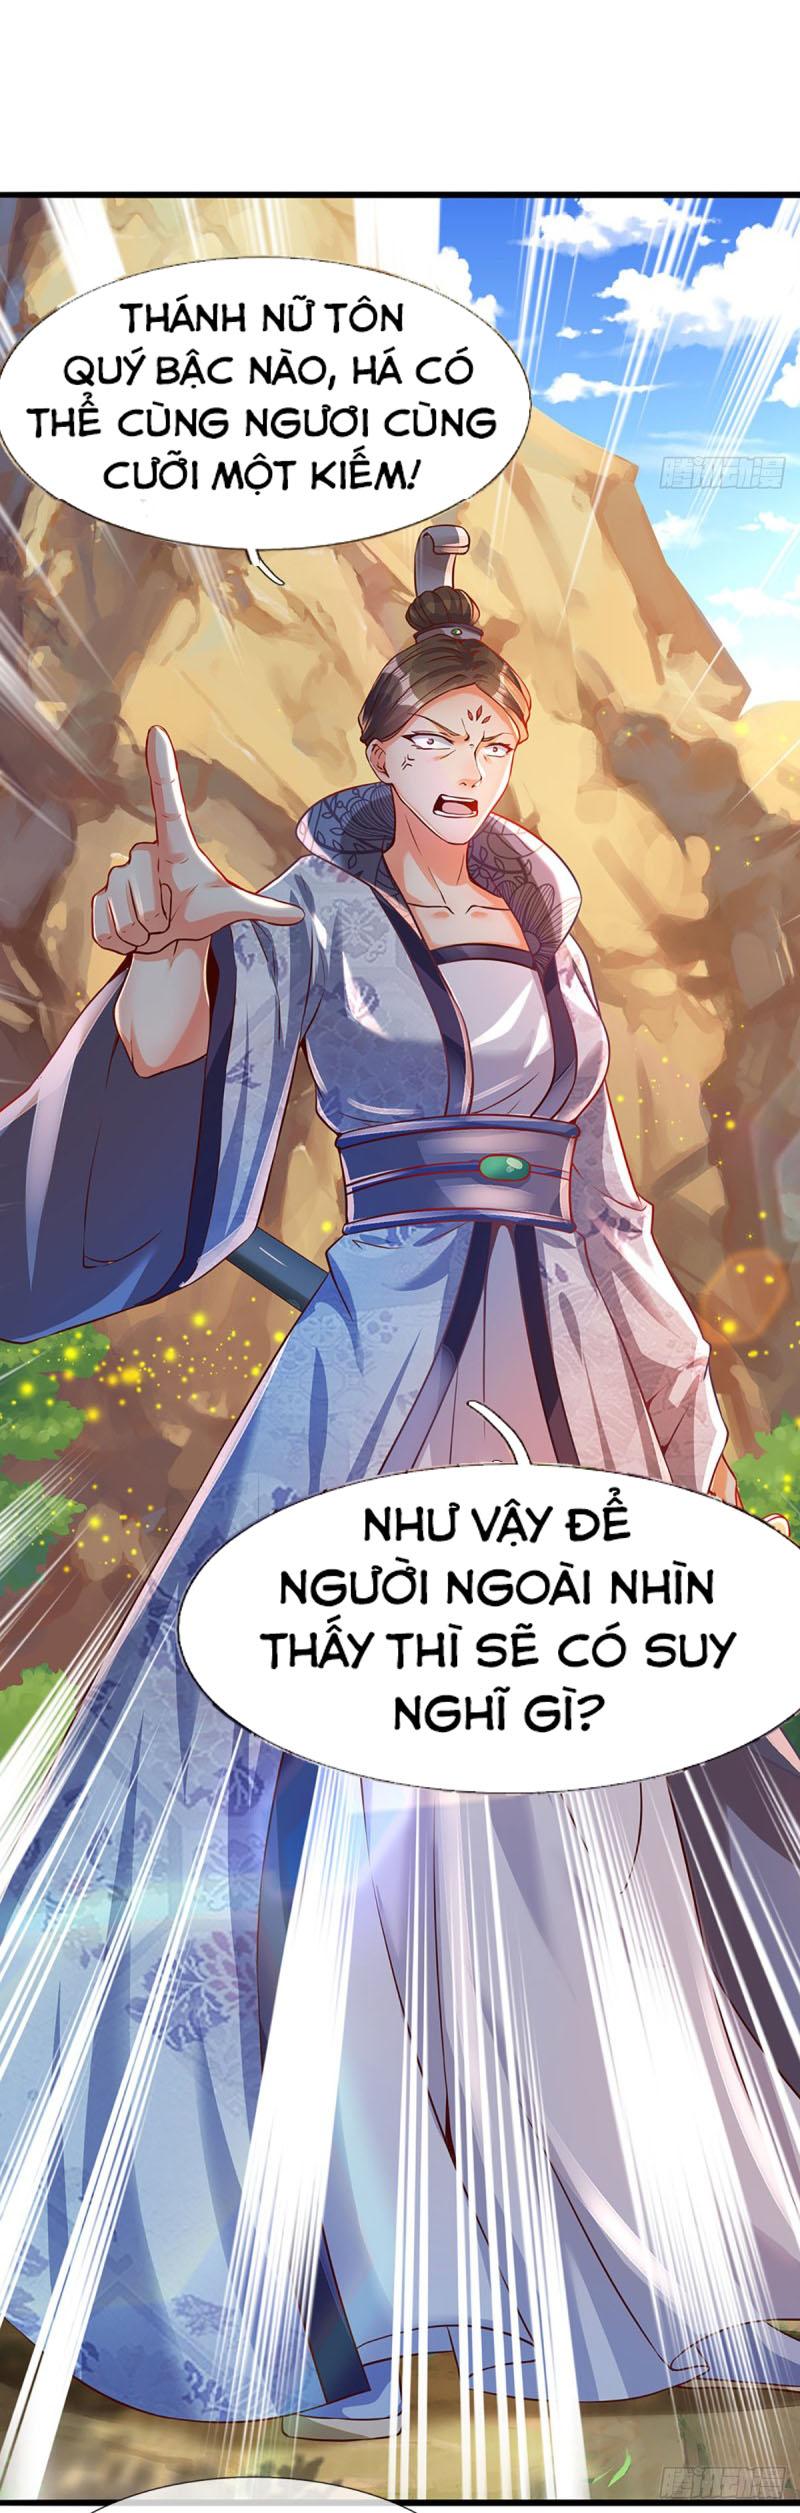 Bắt Đầu Với Chí Tôn Đan Điền Chapter 3 - upload bởi truyensieuhay.com